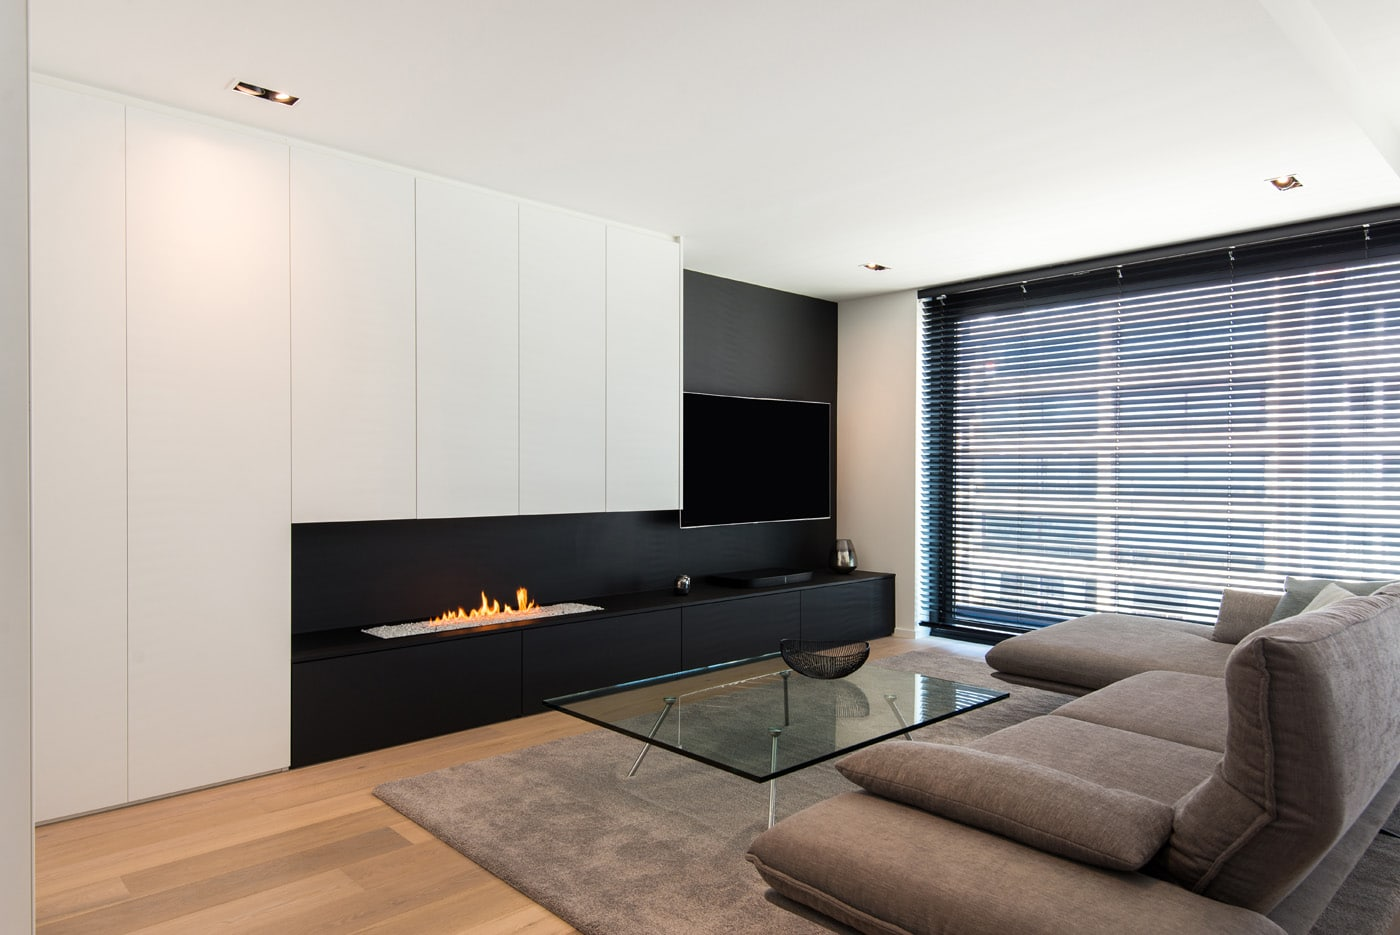 Wand En Tv Meubel.Tv Meubelen Op Maat Voor Een Uniek Interieur Dm Line